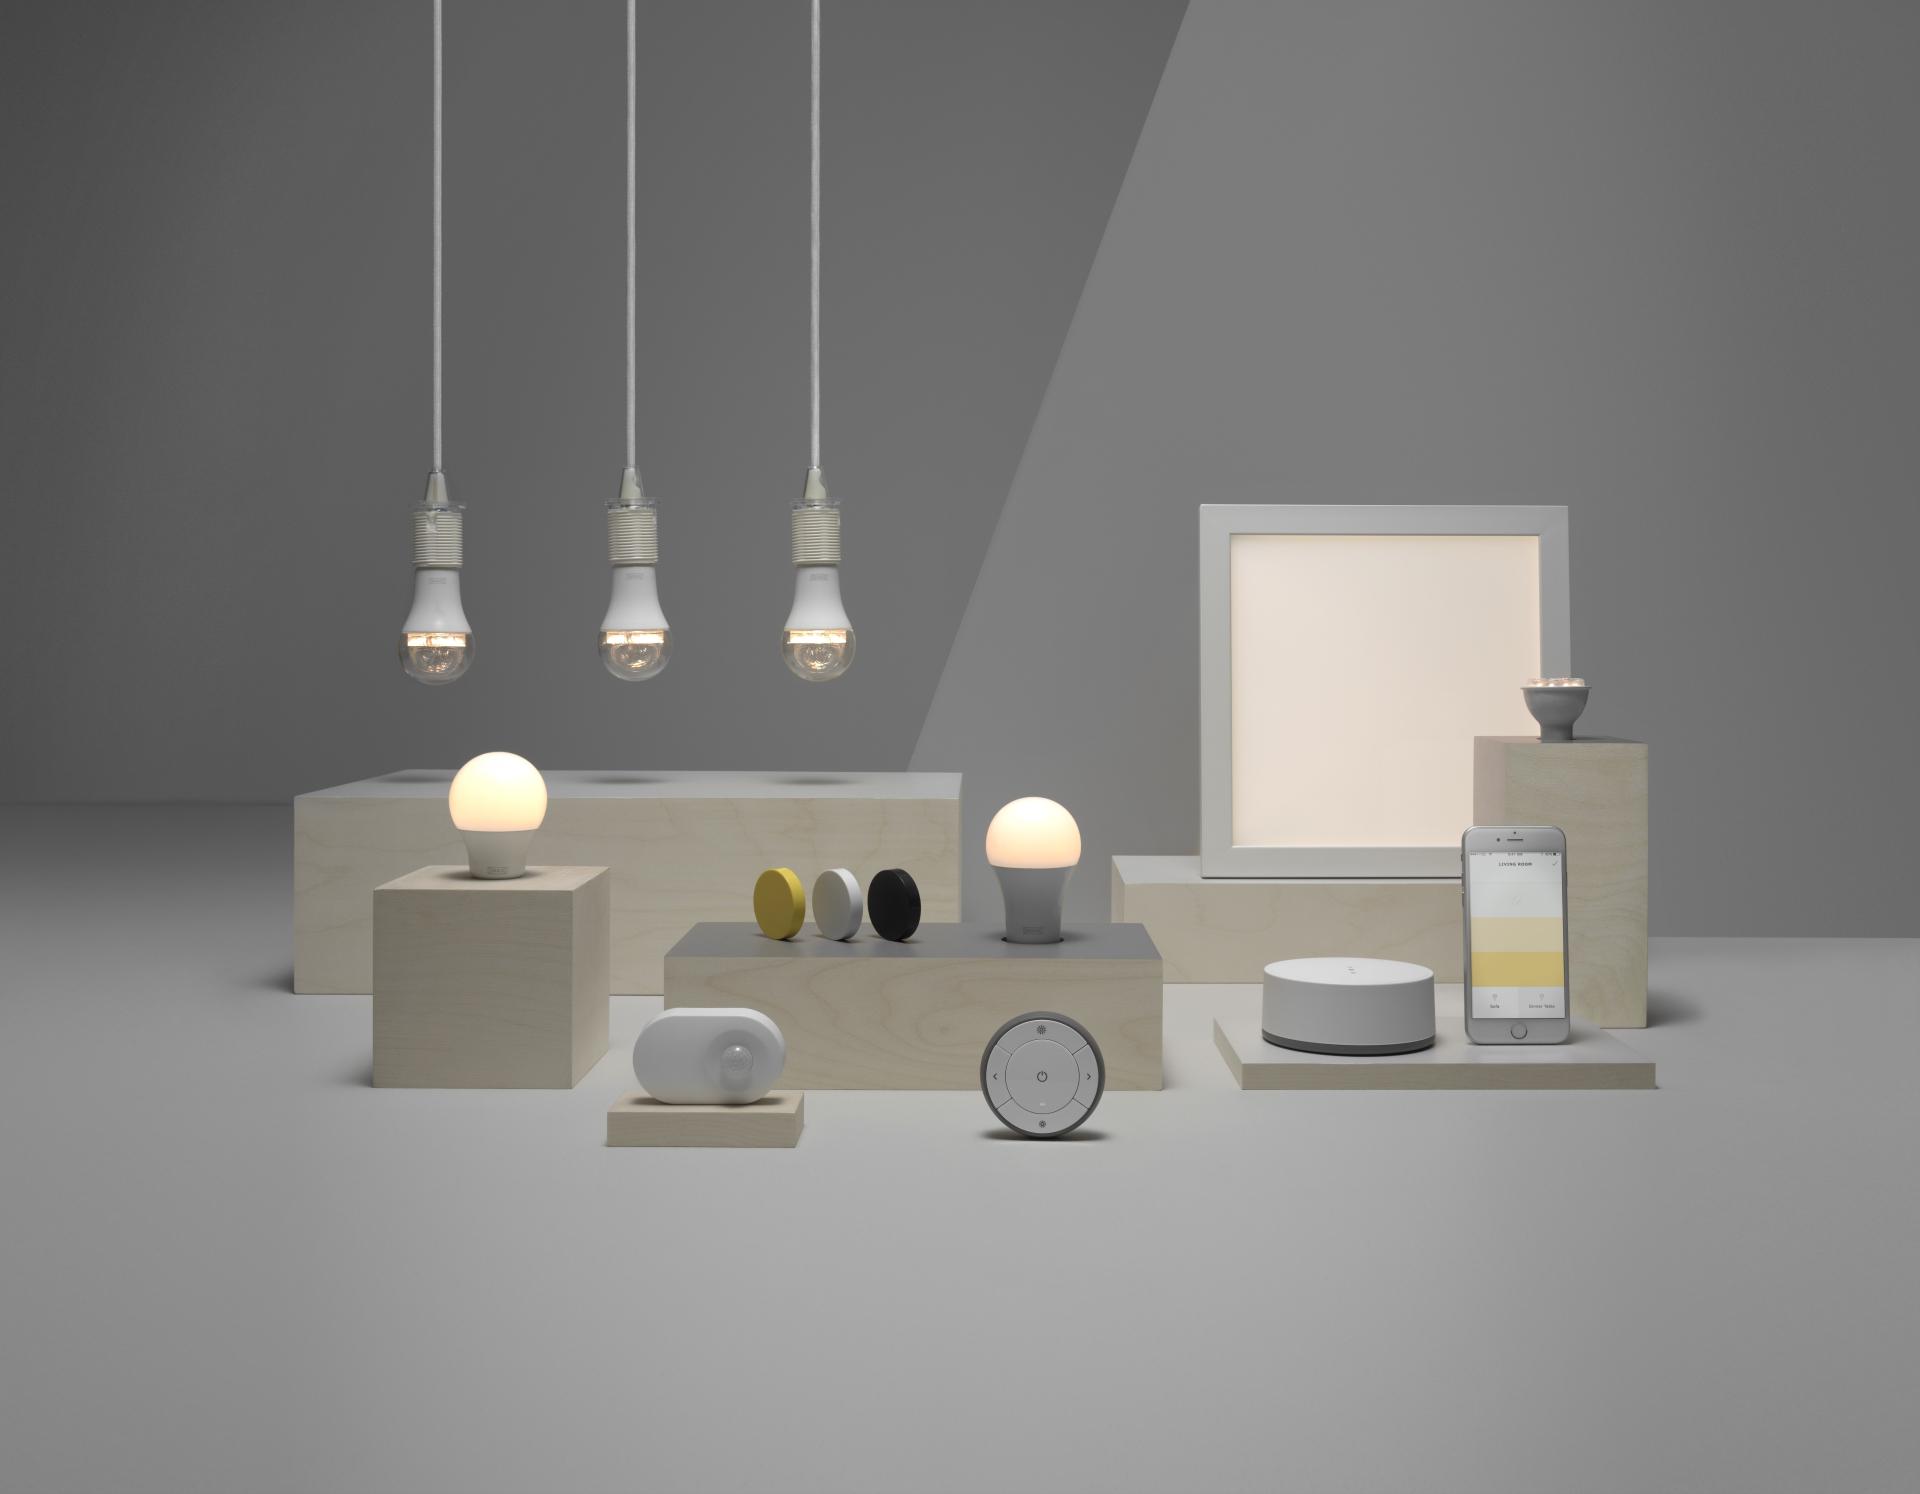 Philips Connectées Ampoules Bien HueLifxComment Ses Choisir 4j3ARqL5